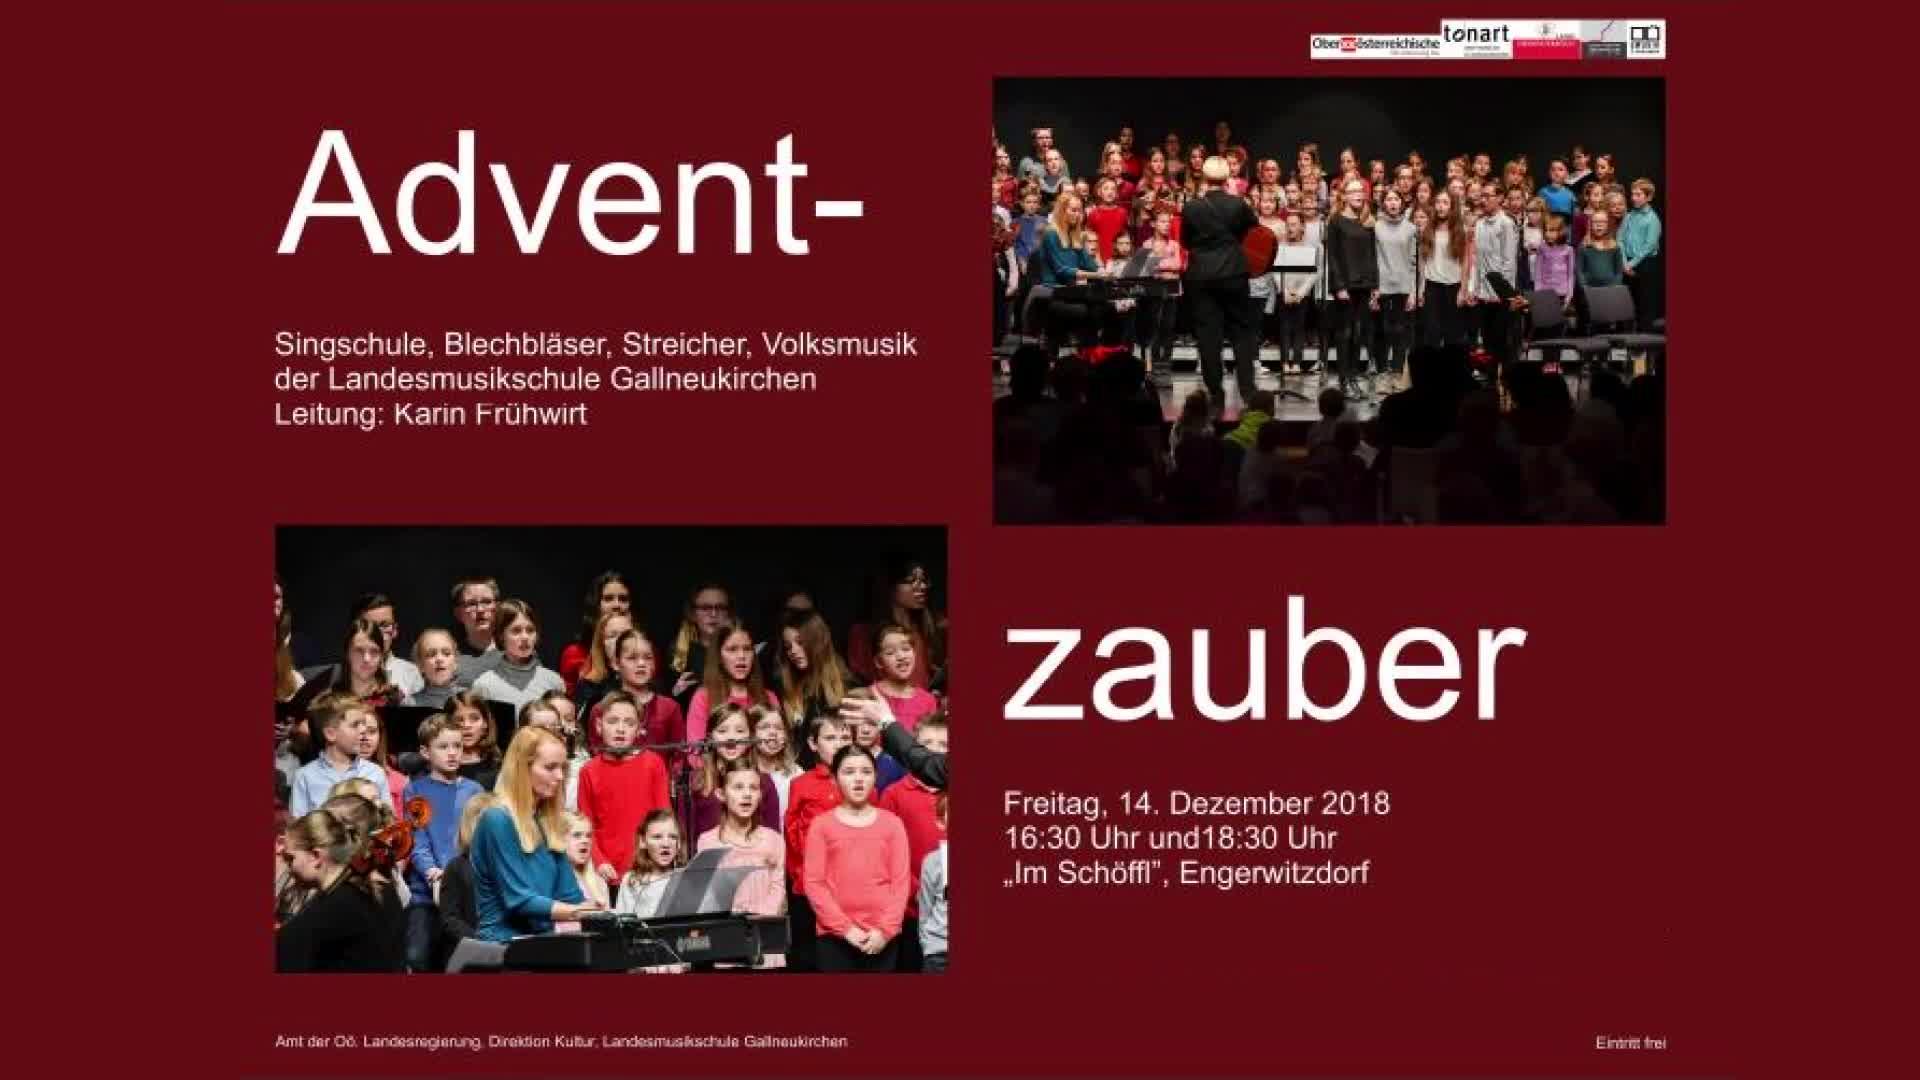 Advent - Zauber 2018